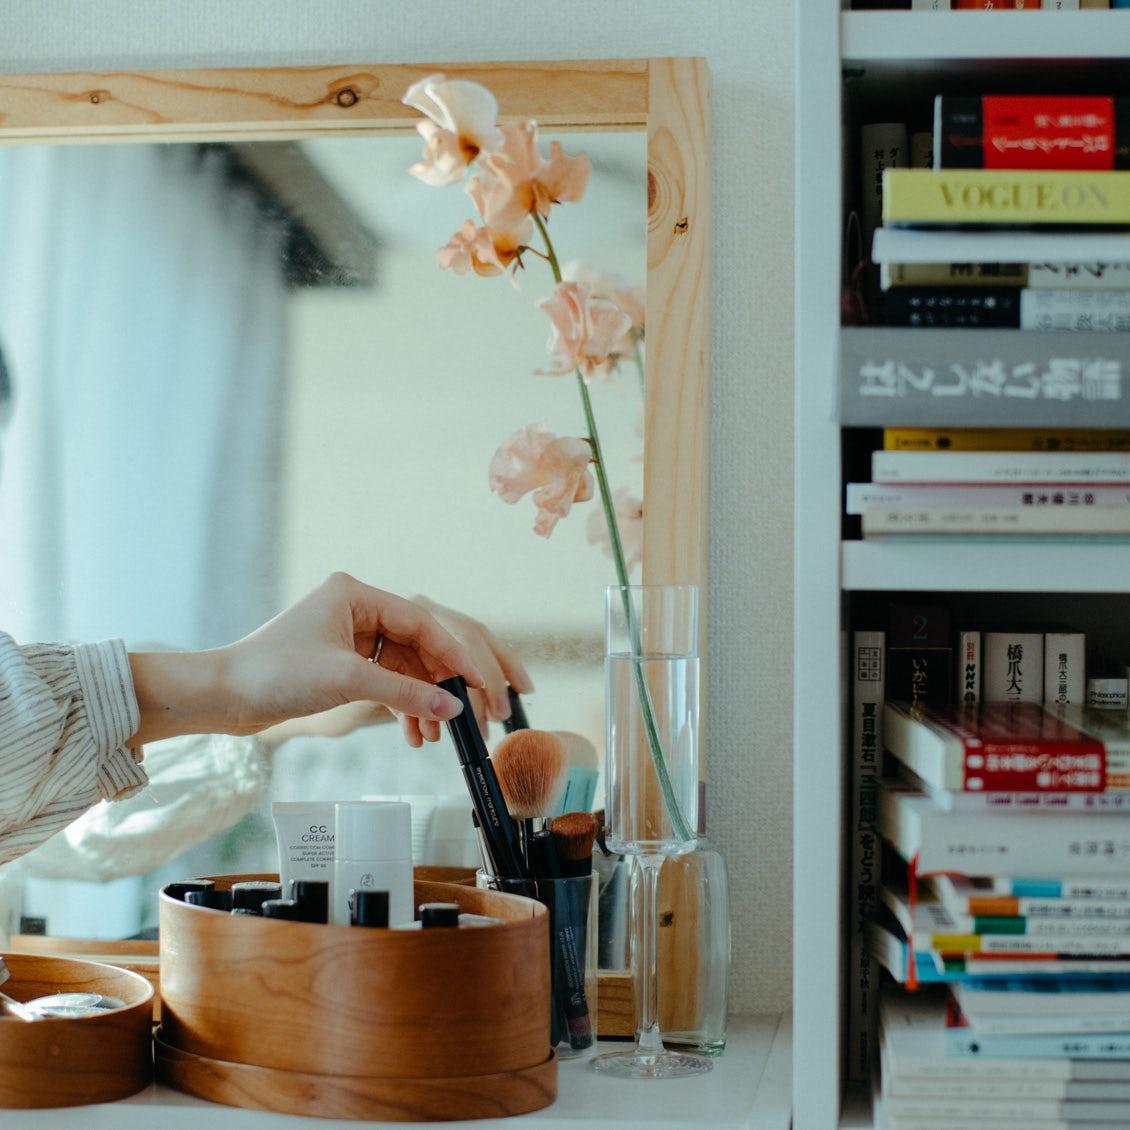 【花と暮らすを、始めたい】第1話:はじめの一歩を踏み出すために知りたい「タイミング」と「花器」のこと。